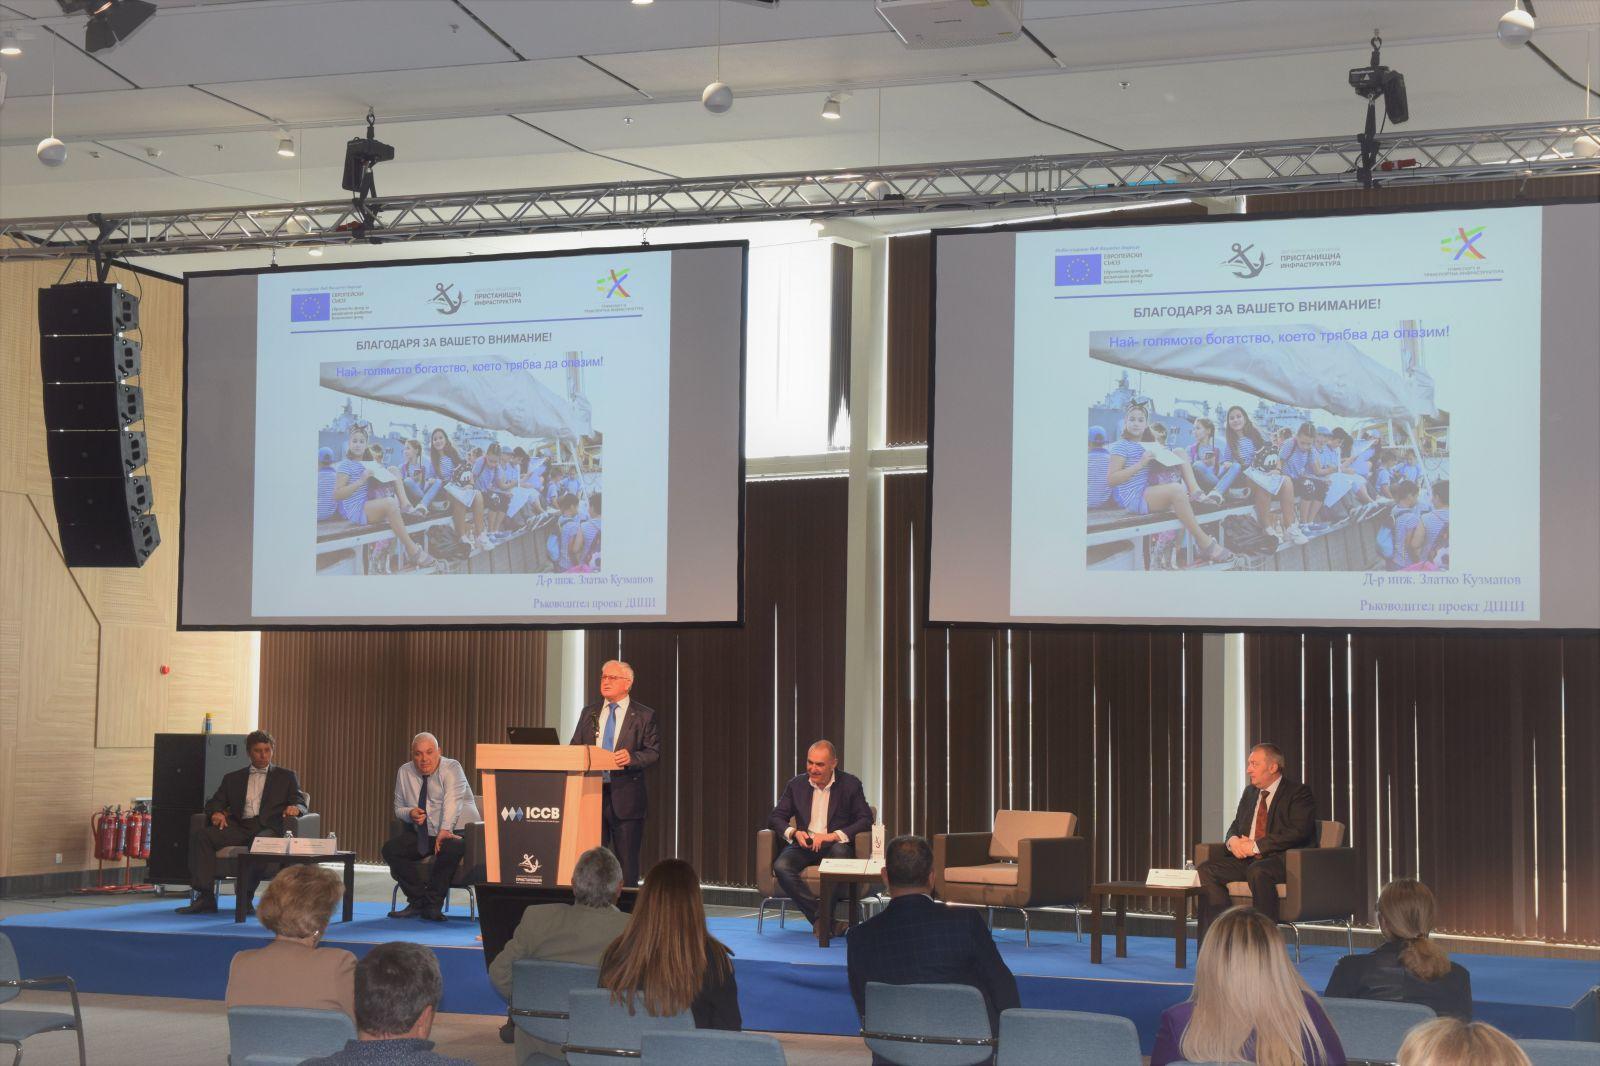 ДППИ: Внедрена е авангардна цифрова инфраструктура за наблюдение и управление на корабния трафик